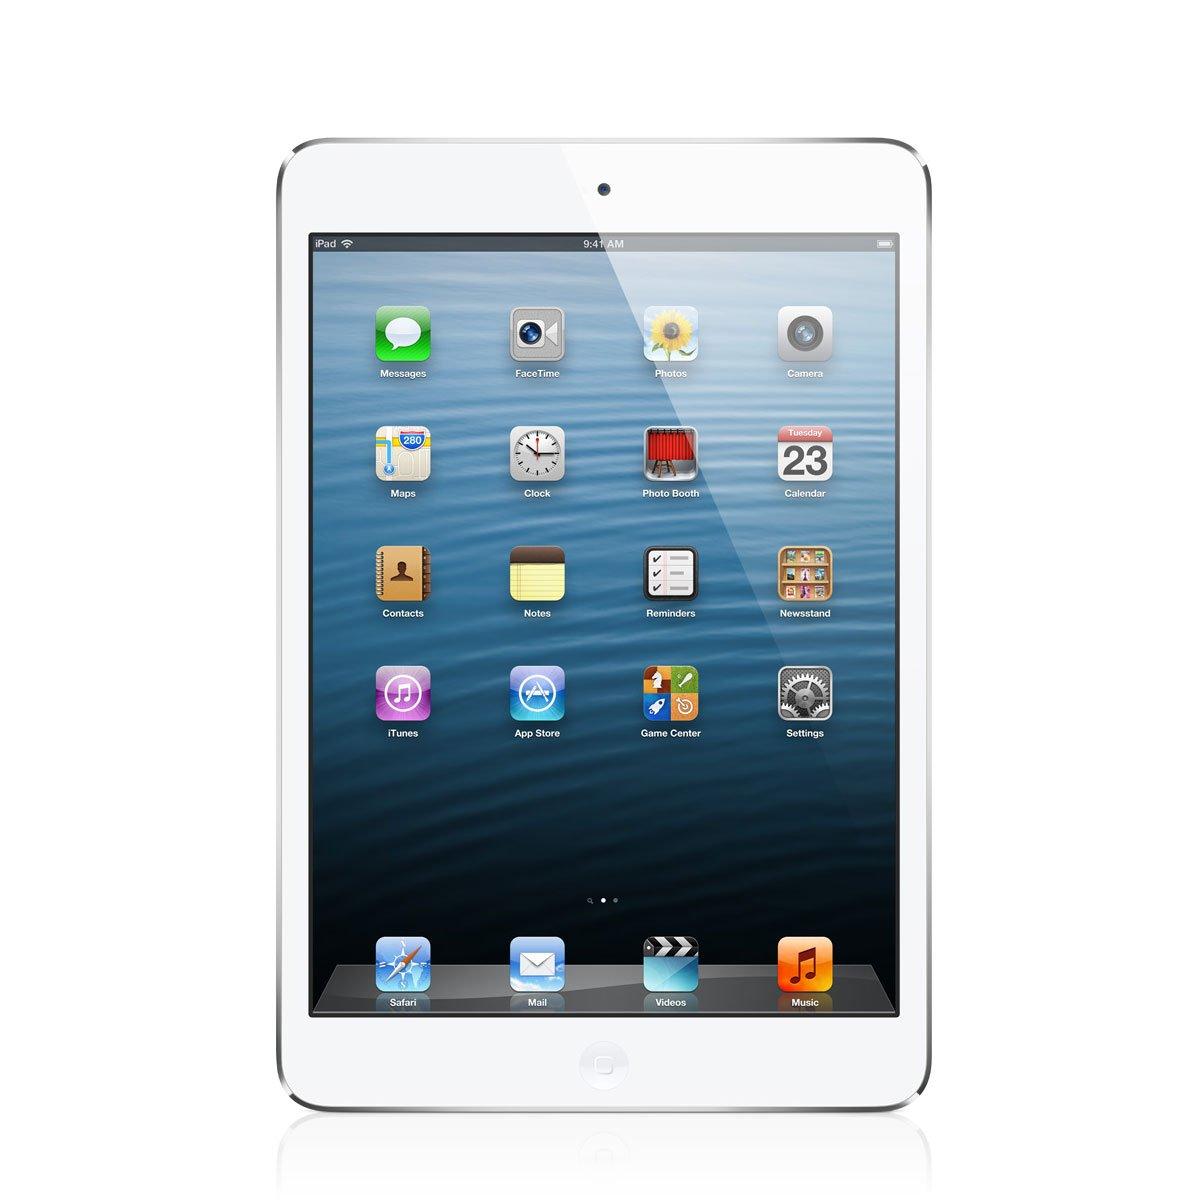 Apple iPad Mini 16GB, LTE - White/Silver (Renewed)